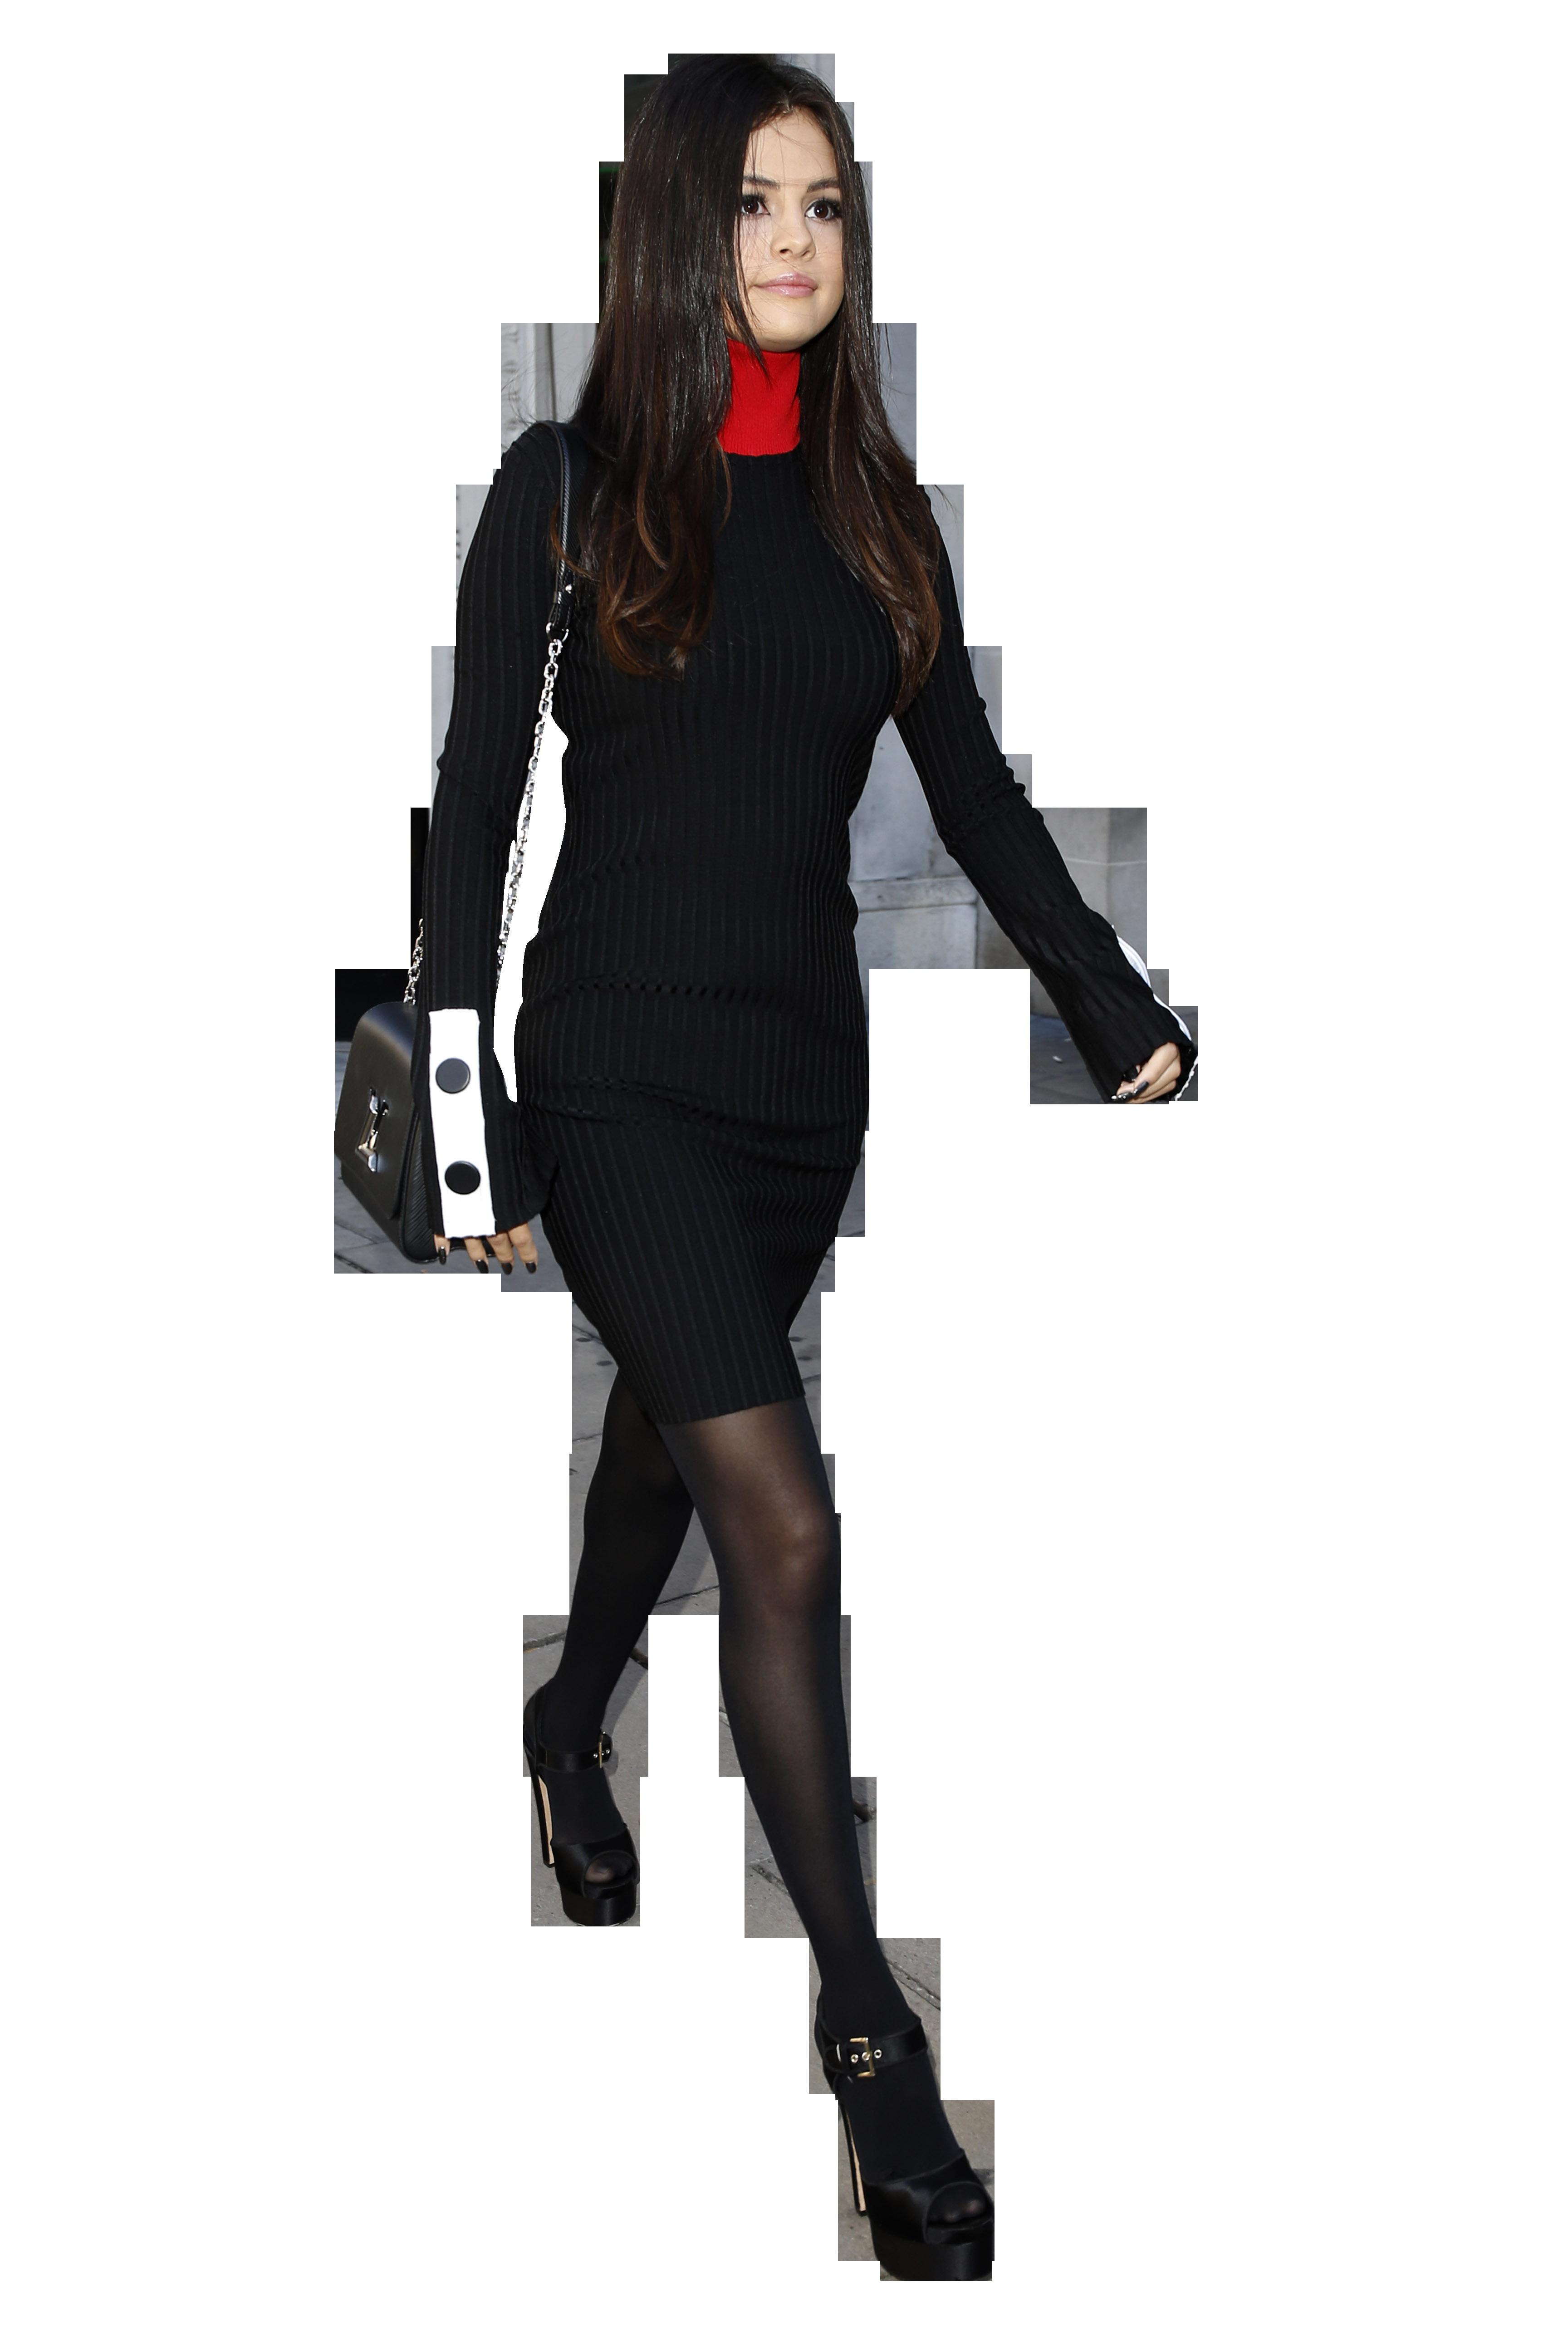 Selena Gomez Walking In Black Png Image Music Star Selena Gomez Selena